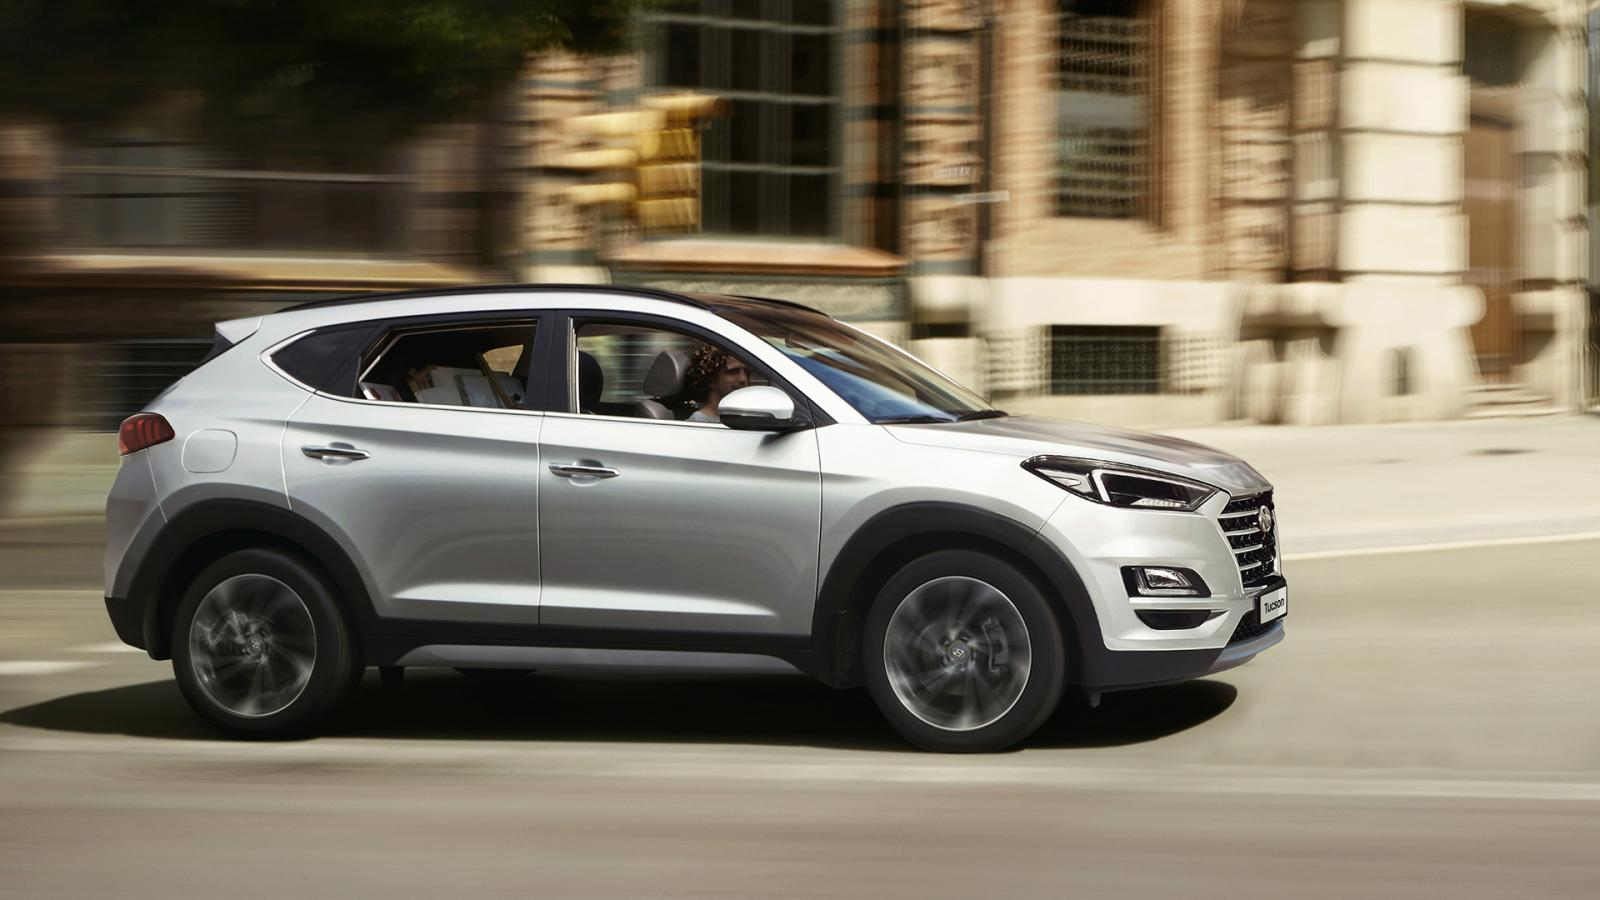 La Hyundai Tucson 2020 precio en México es una camioneta con una propuesta sólida en el mercado de las SUV